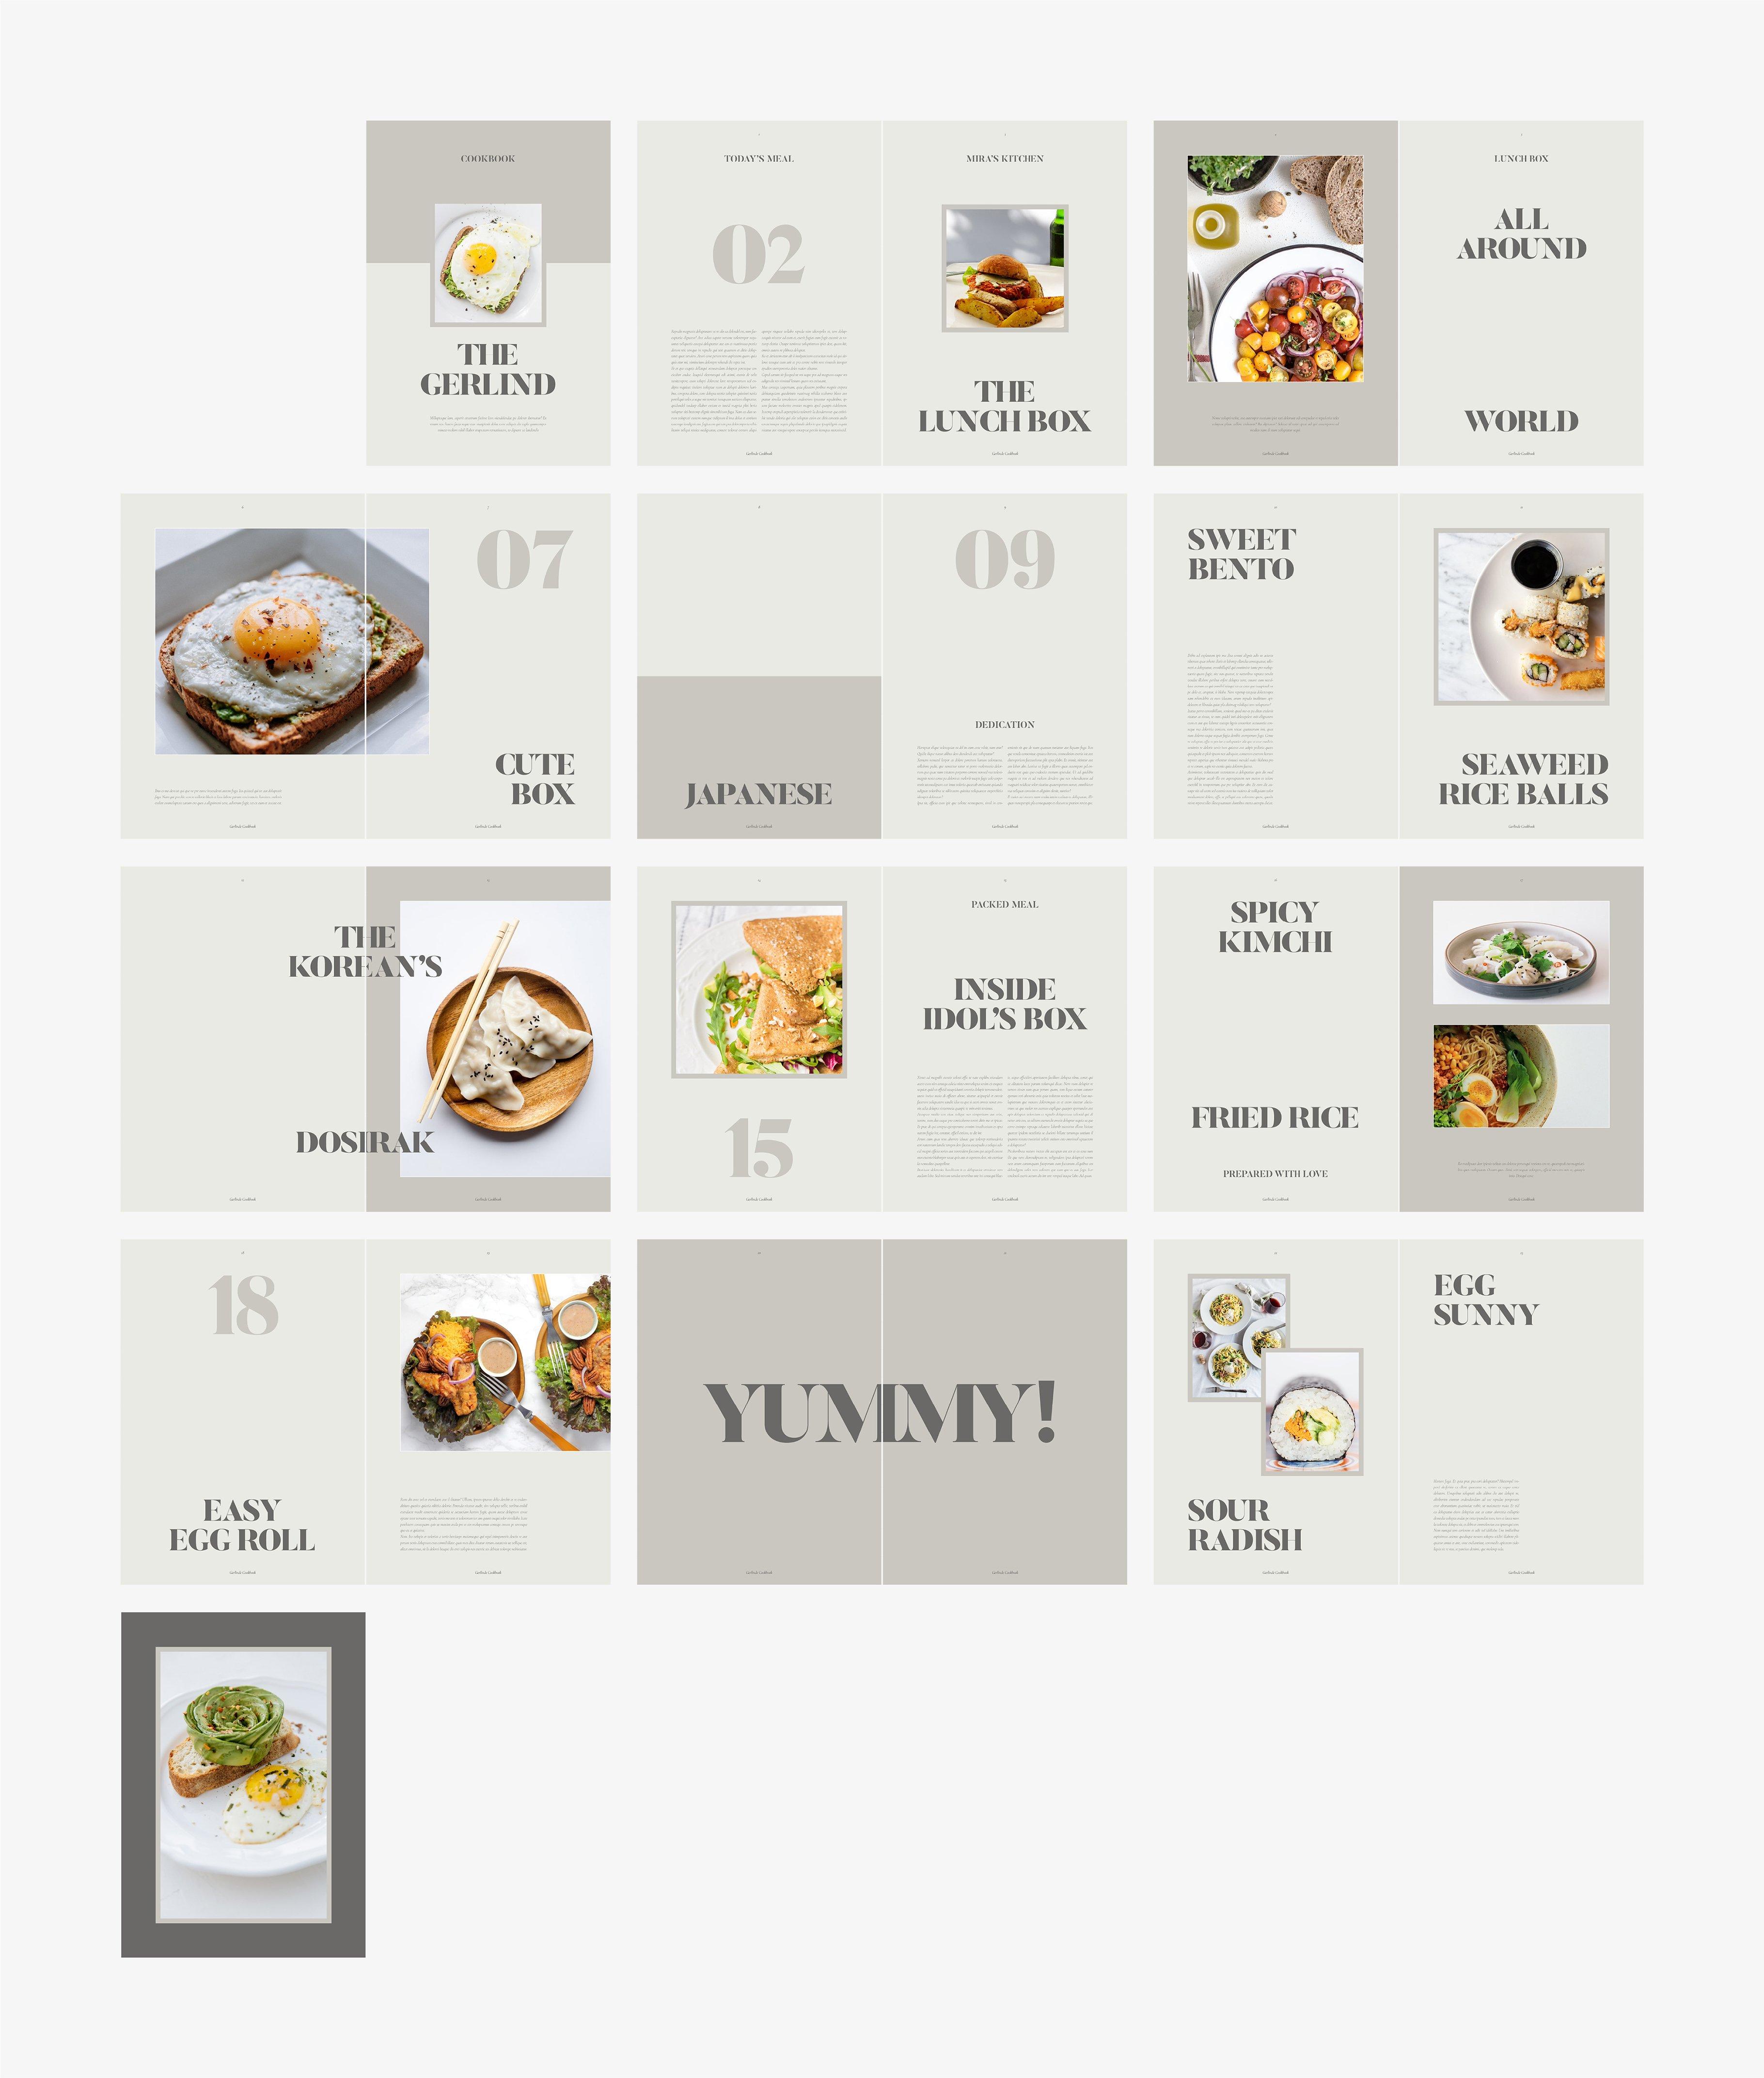 美食食谱菜单设计INDD画册模板 GERLIND Food Recipe Cookbook插图(6)